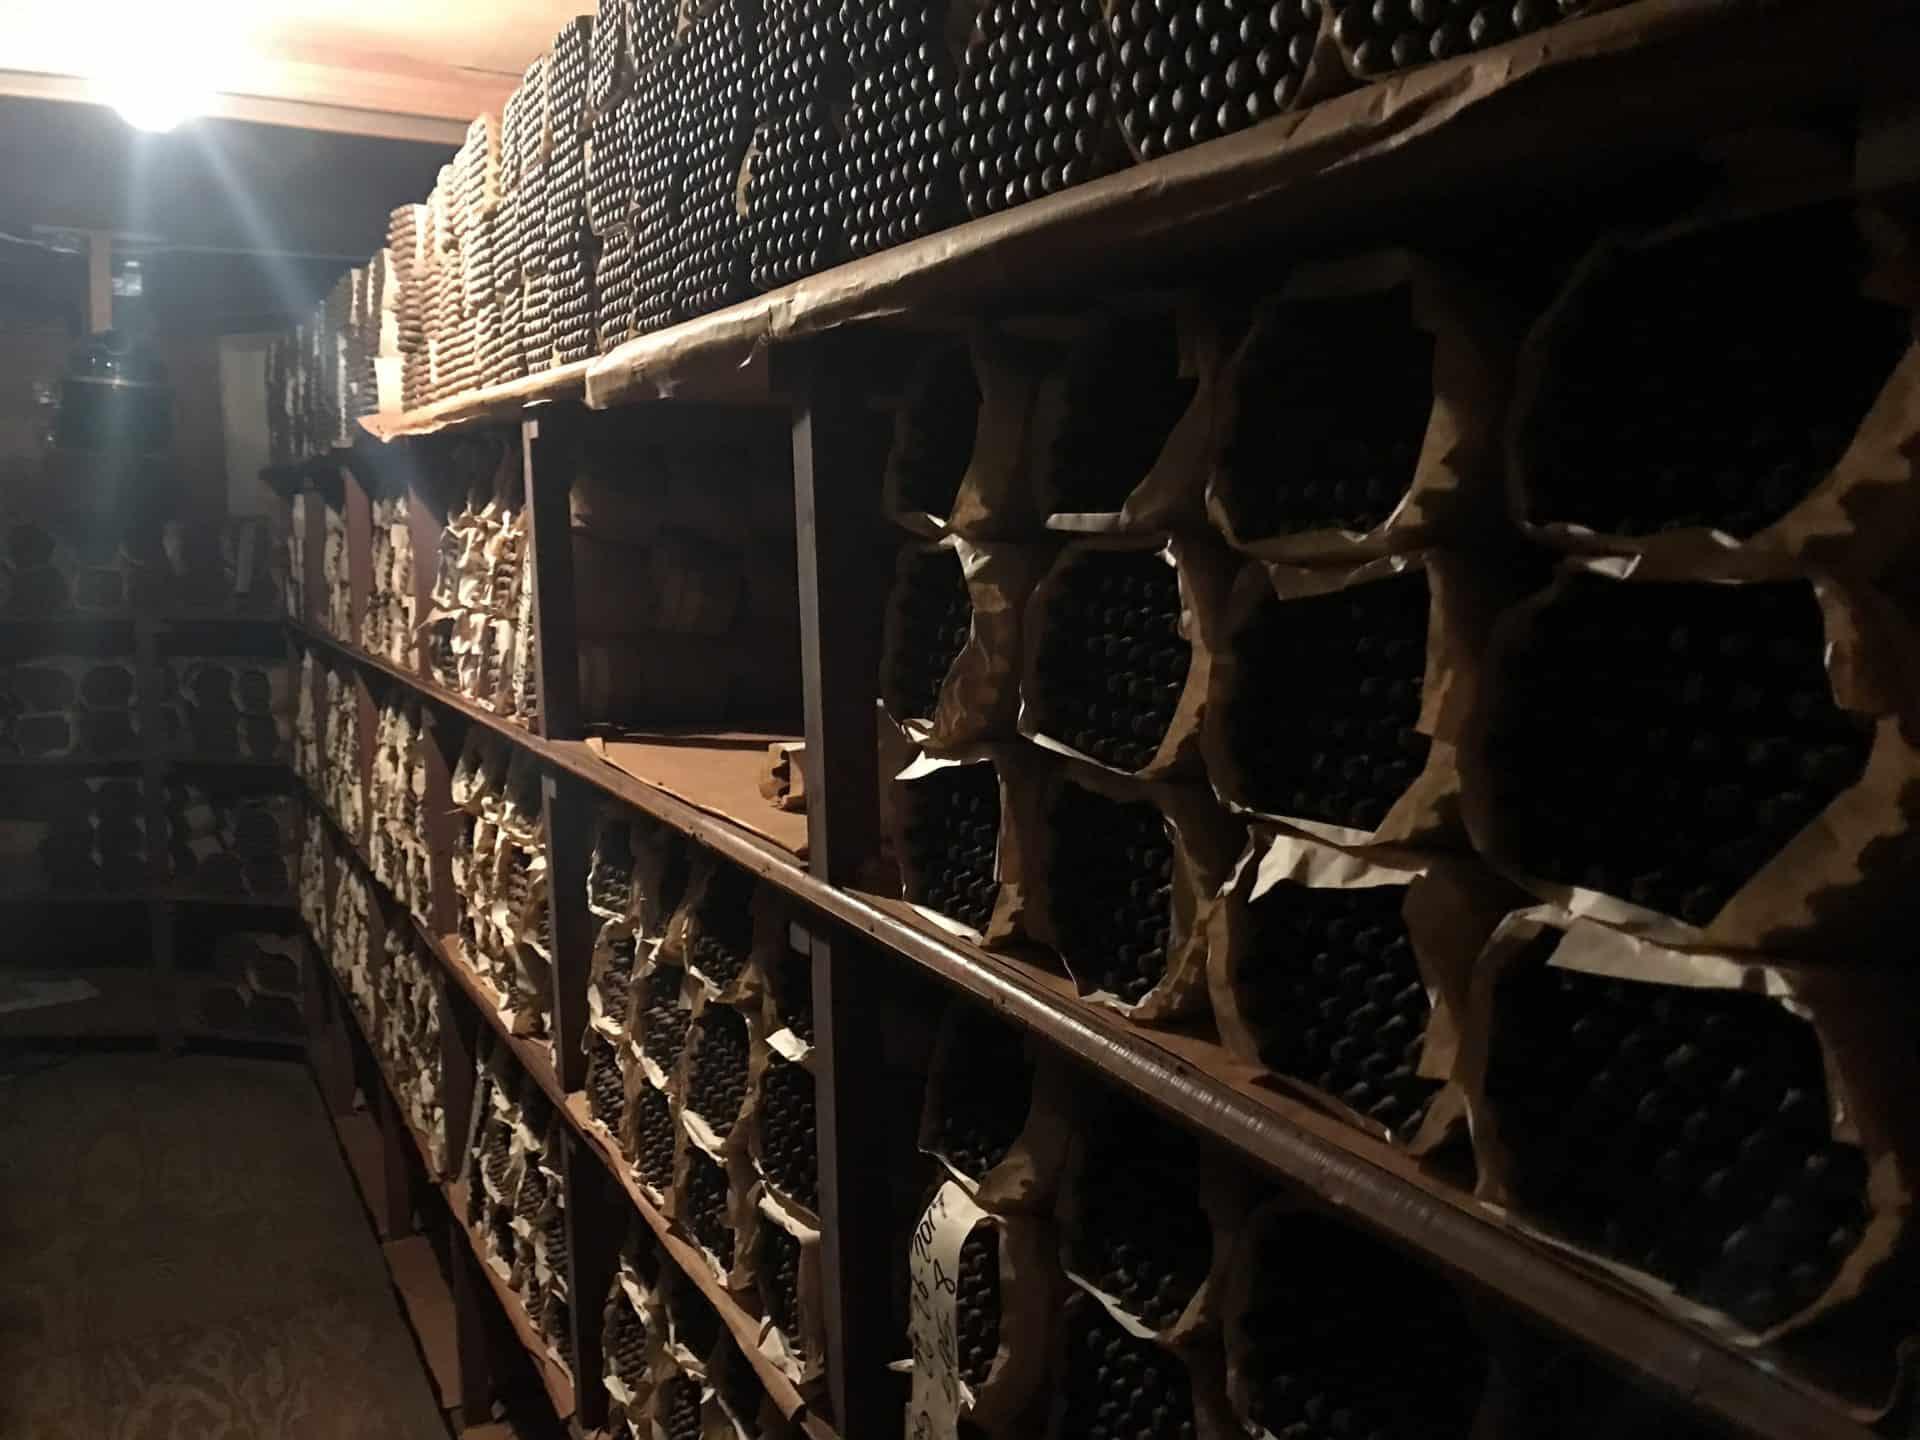 Ähnlich einem Weinkeller lagern und reifen auch Zigarren fein säuberlich gestapelt vor sich hin